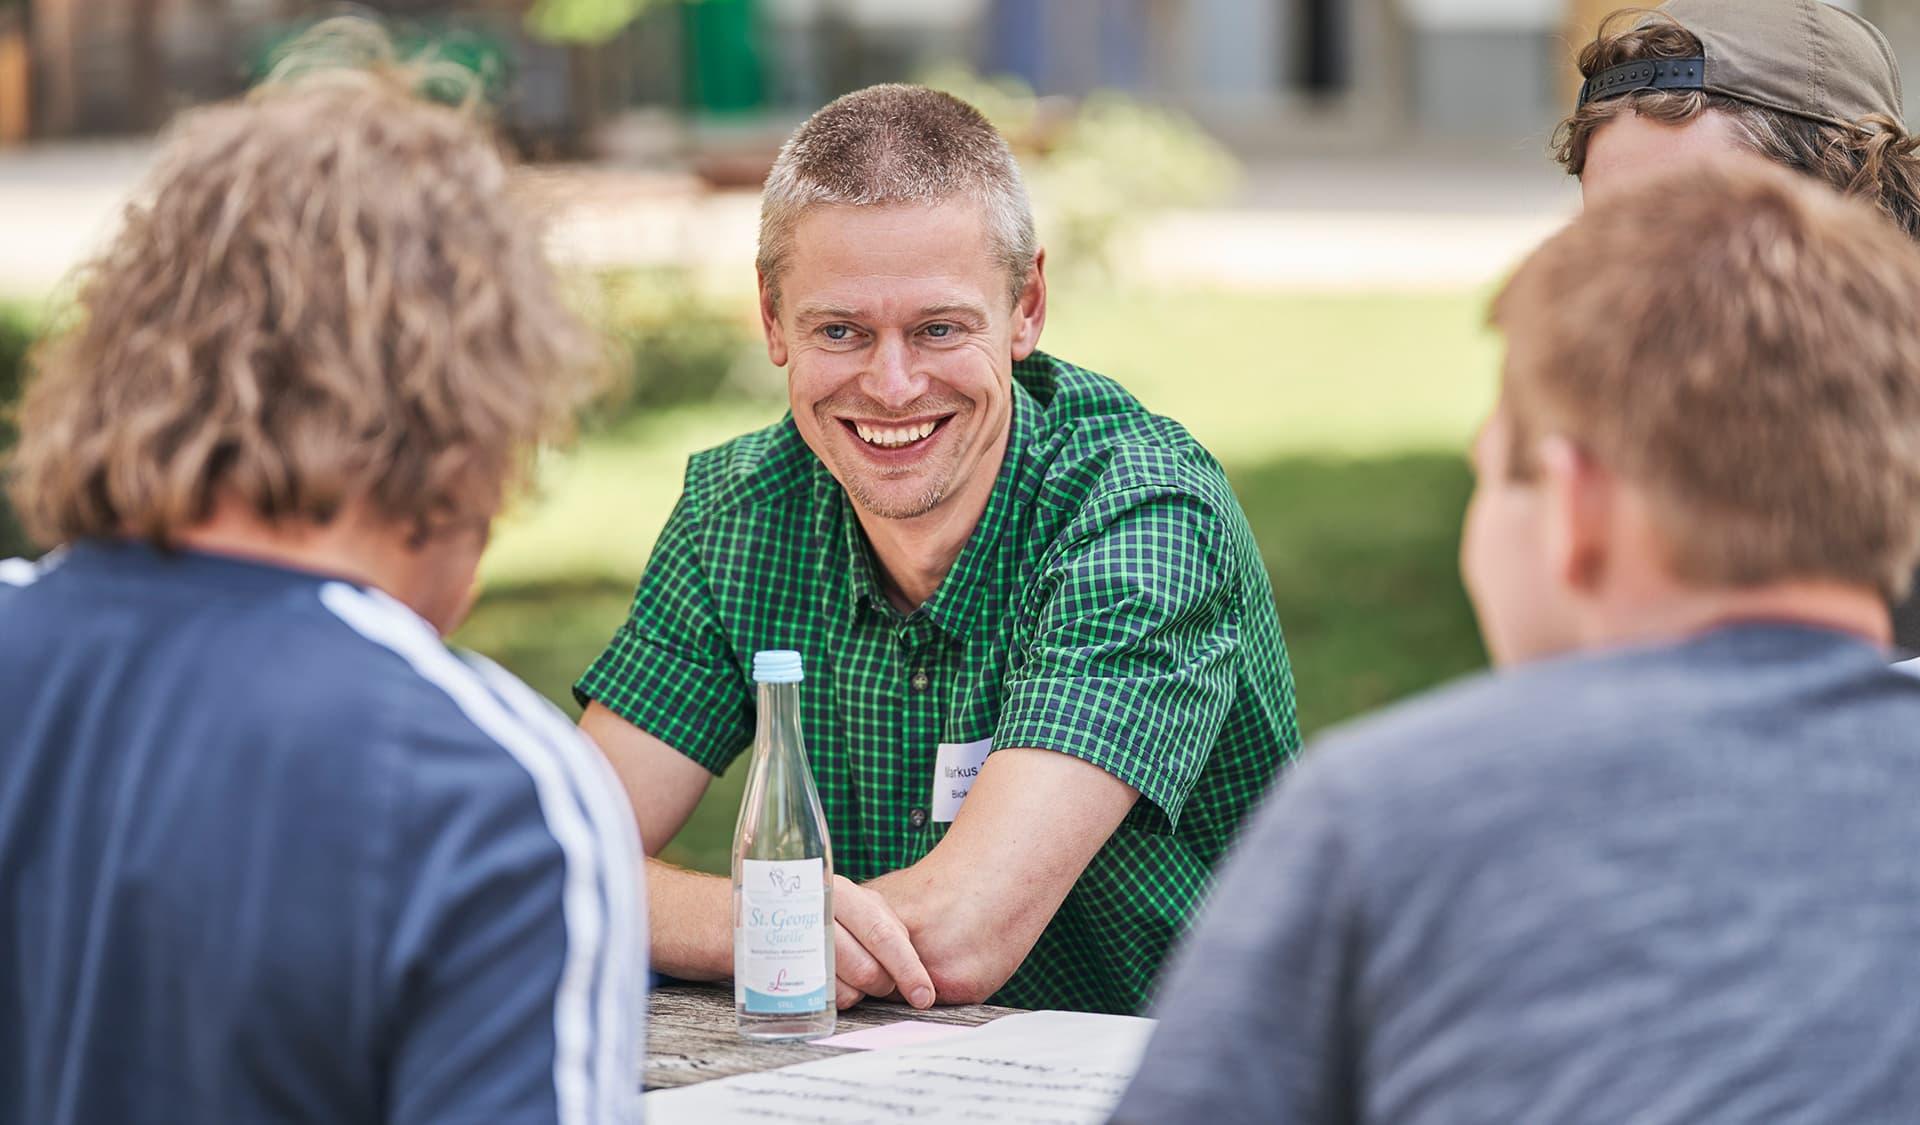 Biokreis-Wertschöpfungsketten-Manager Markus Blenk im Gespräch